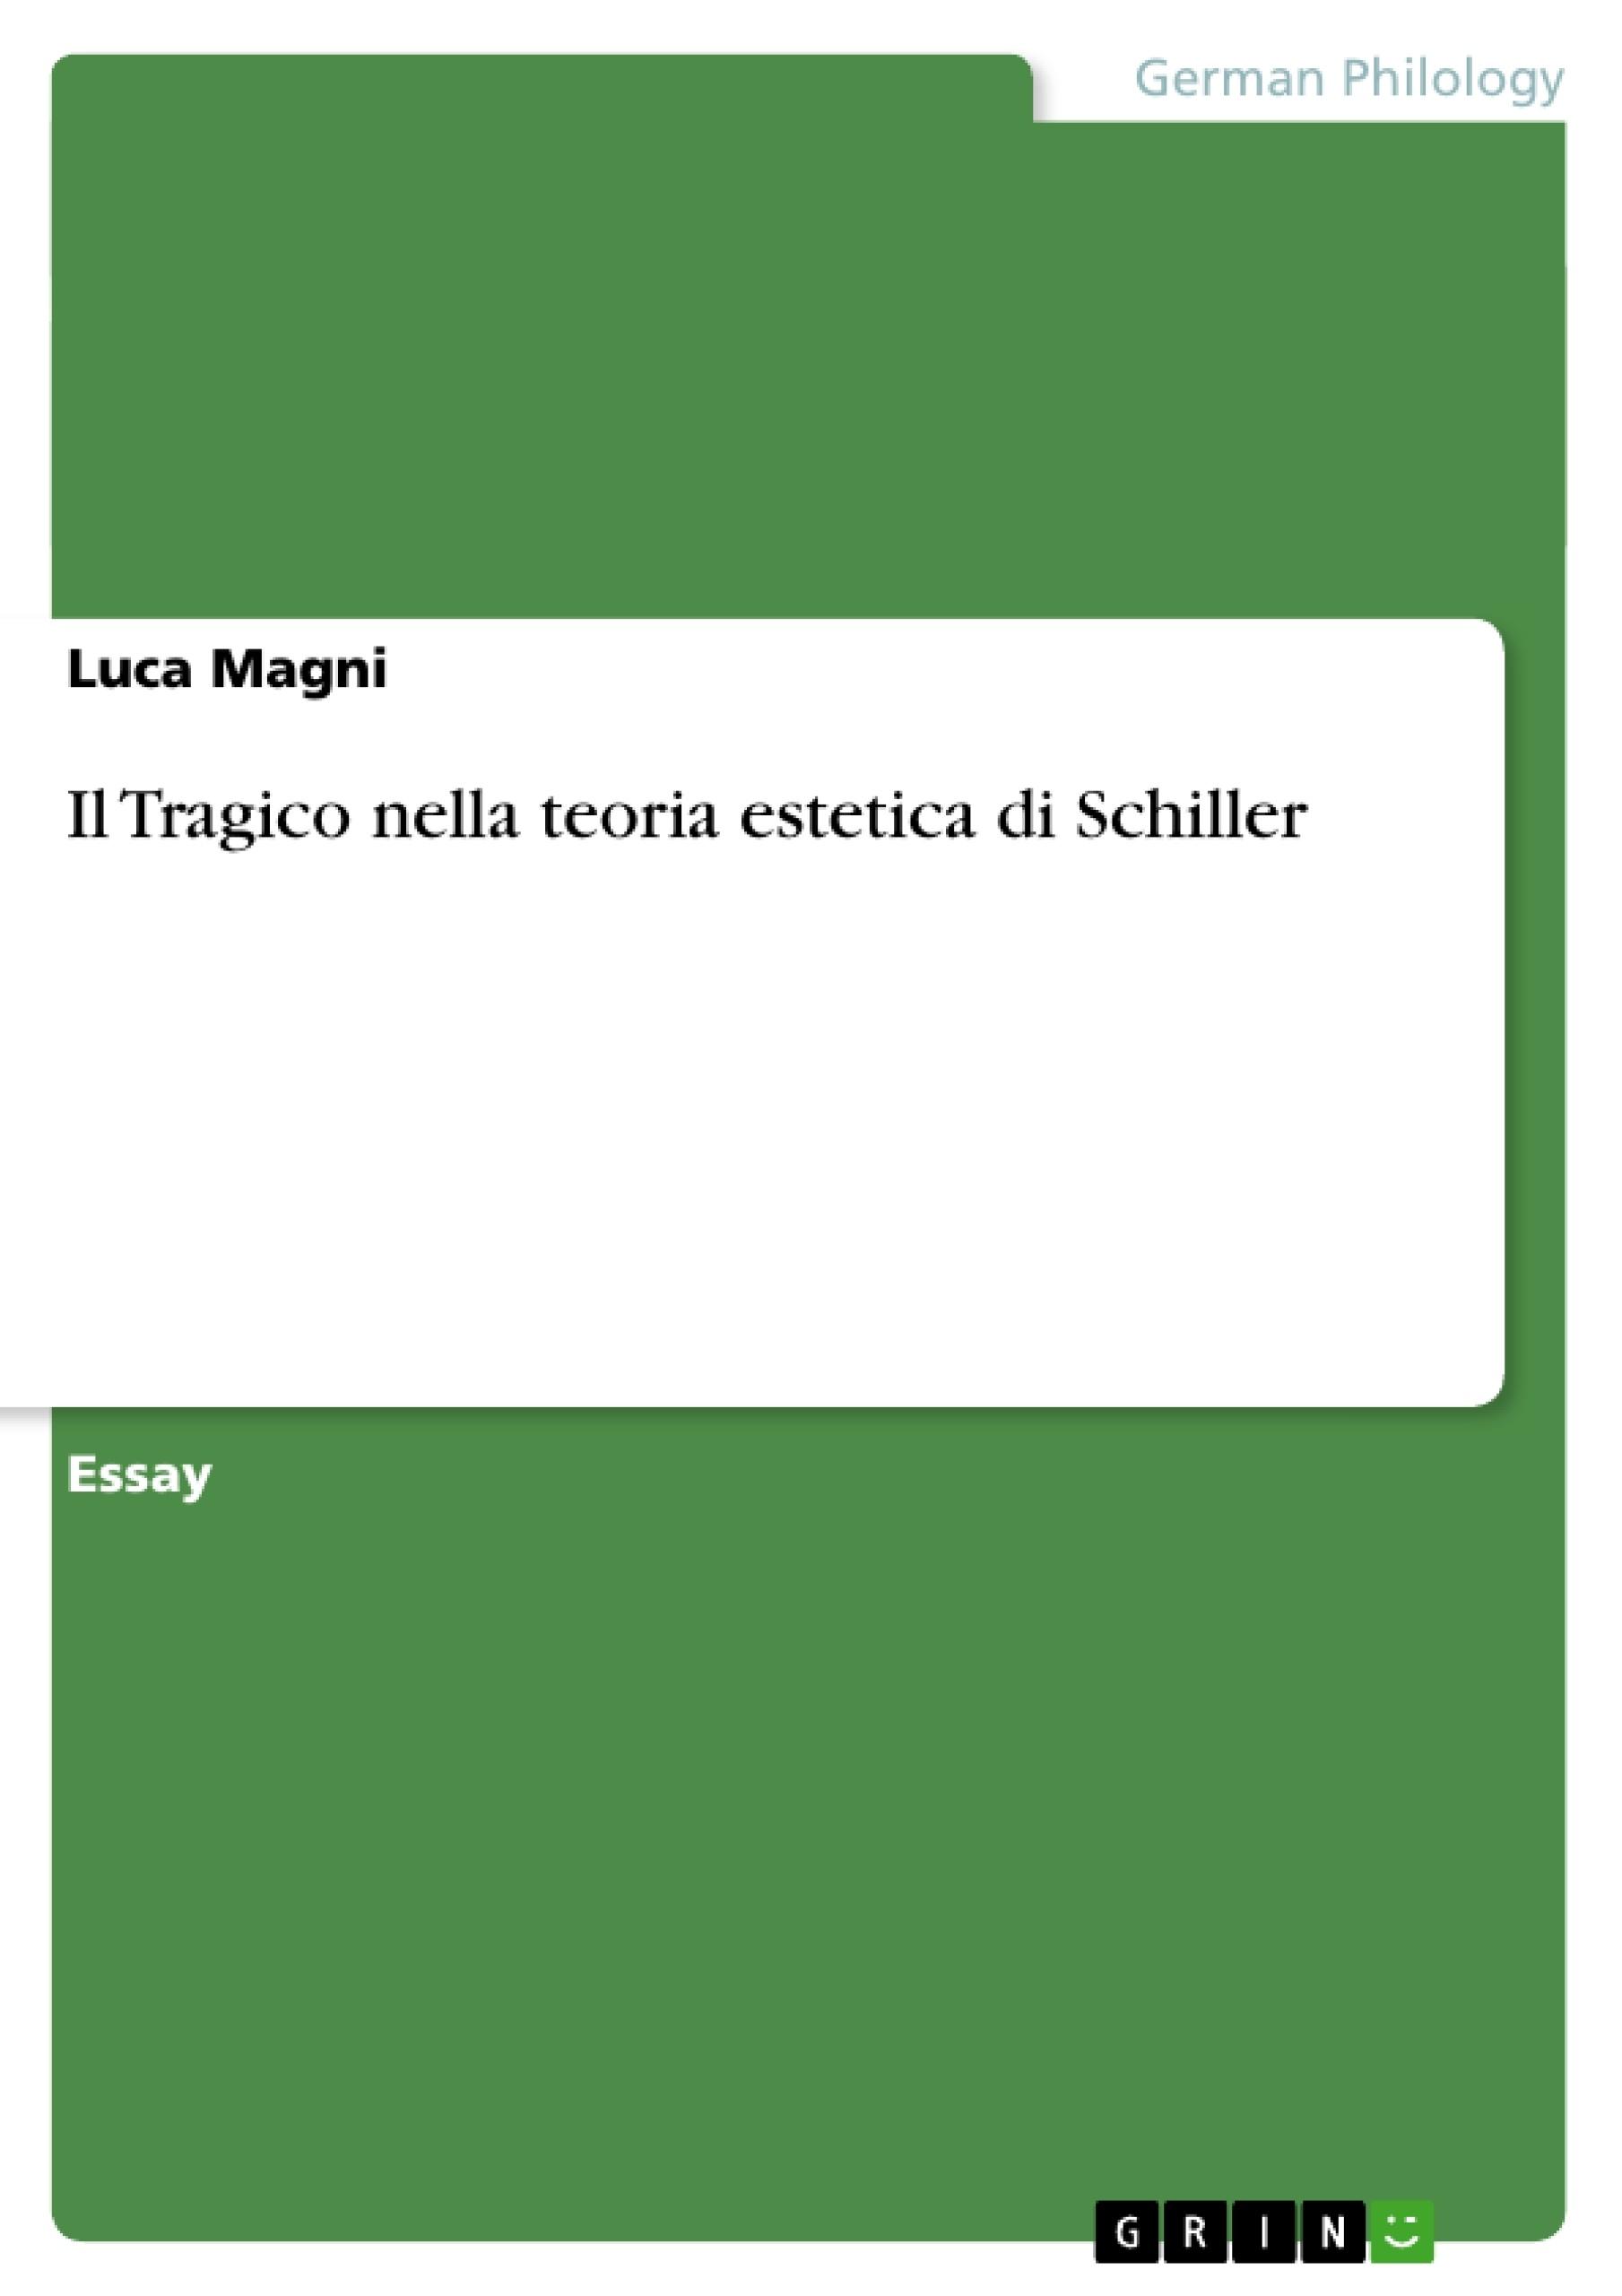 Title: Il Tragico nella teoria estetica di Schiller